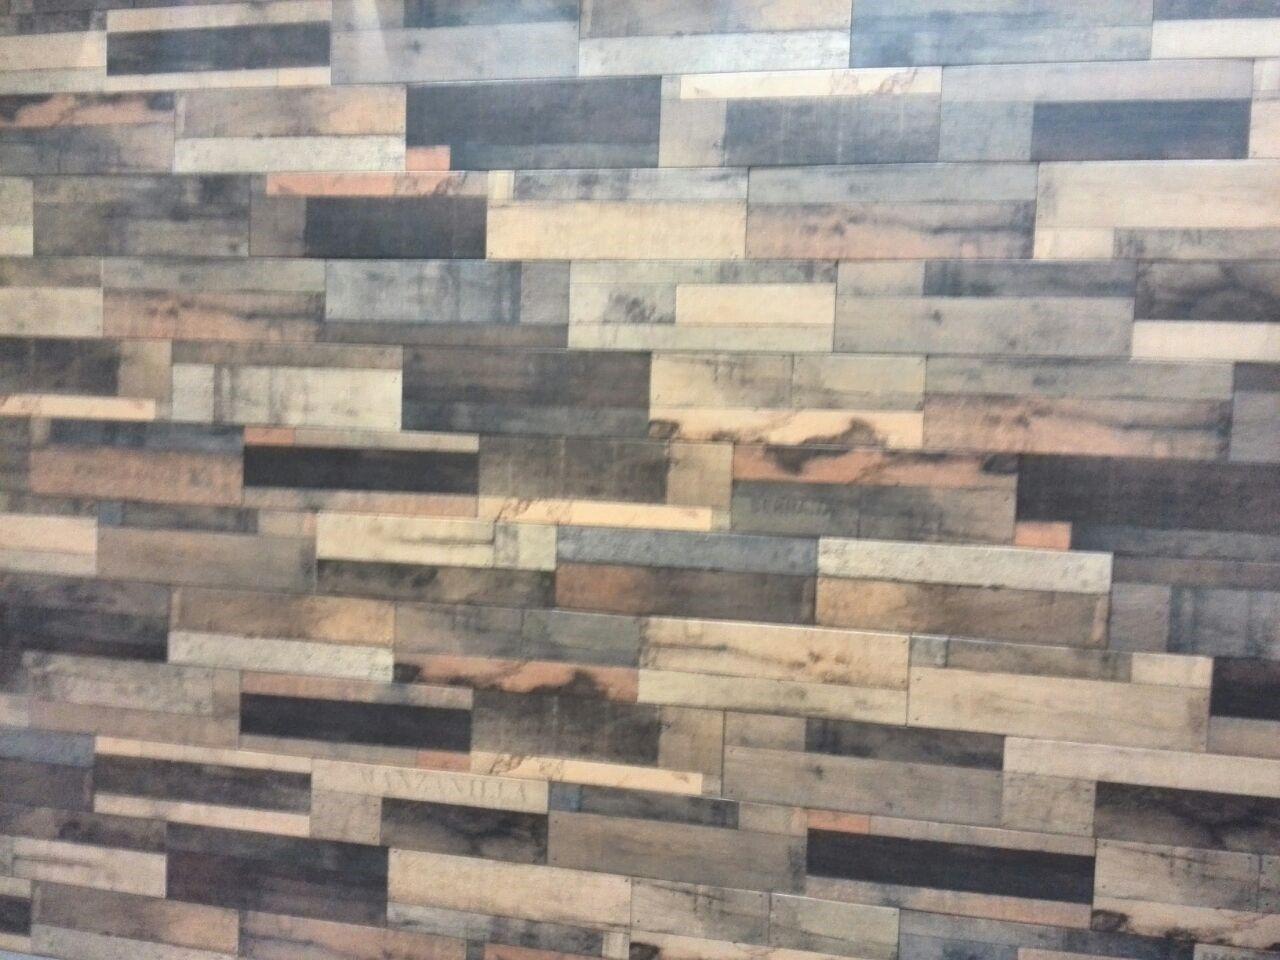 keramisch parket, sloophout beige, 20 x 60 cm, geschikt voor wand ... - Beige Wand